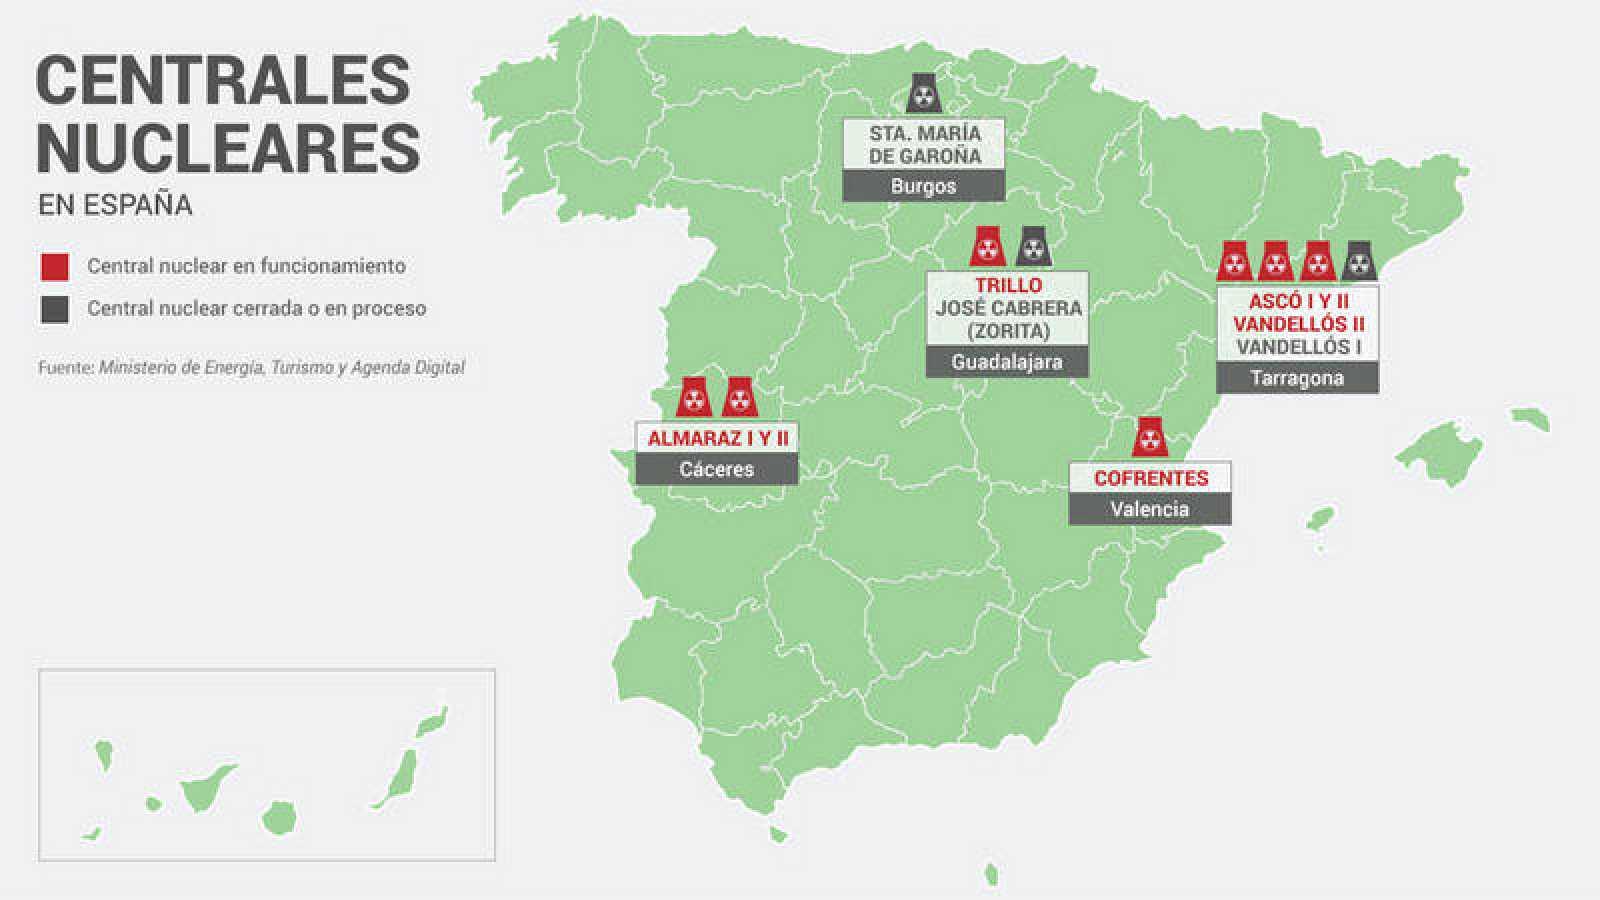 Las Centrales Nucleares En Espana Seis En Activo De Entre 29 Y 36